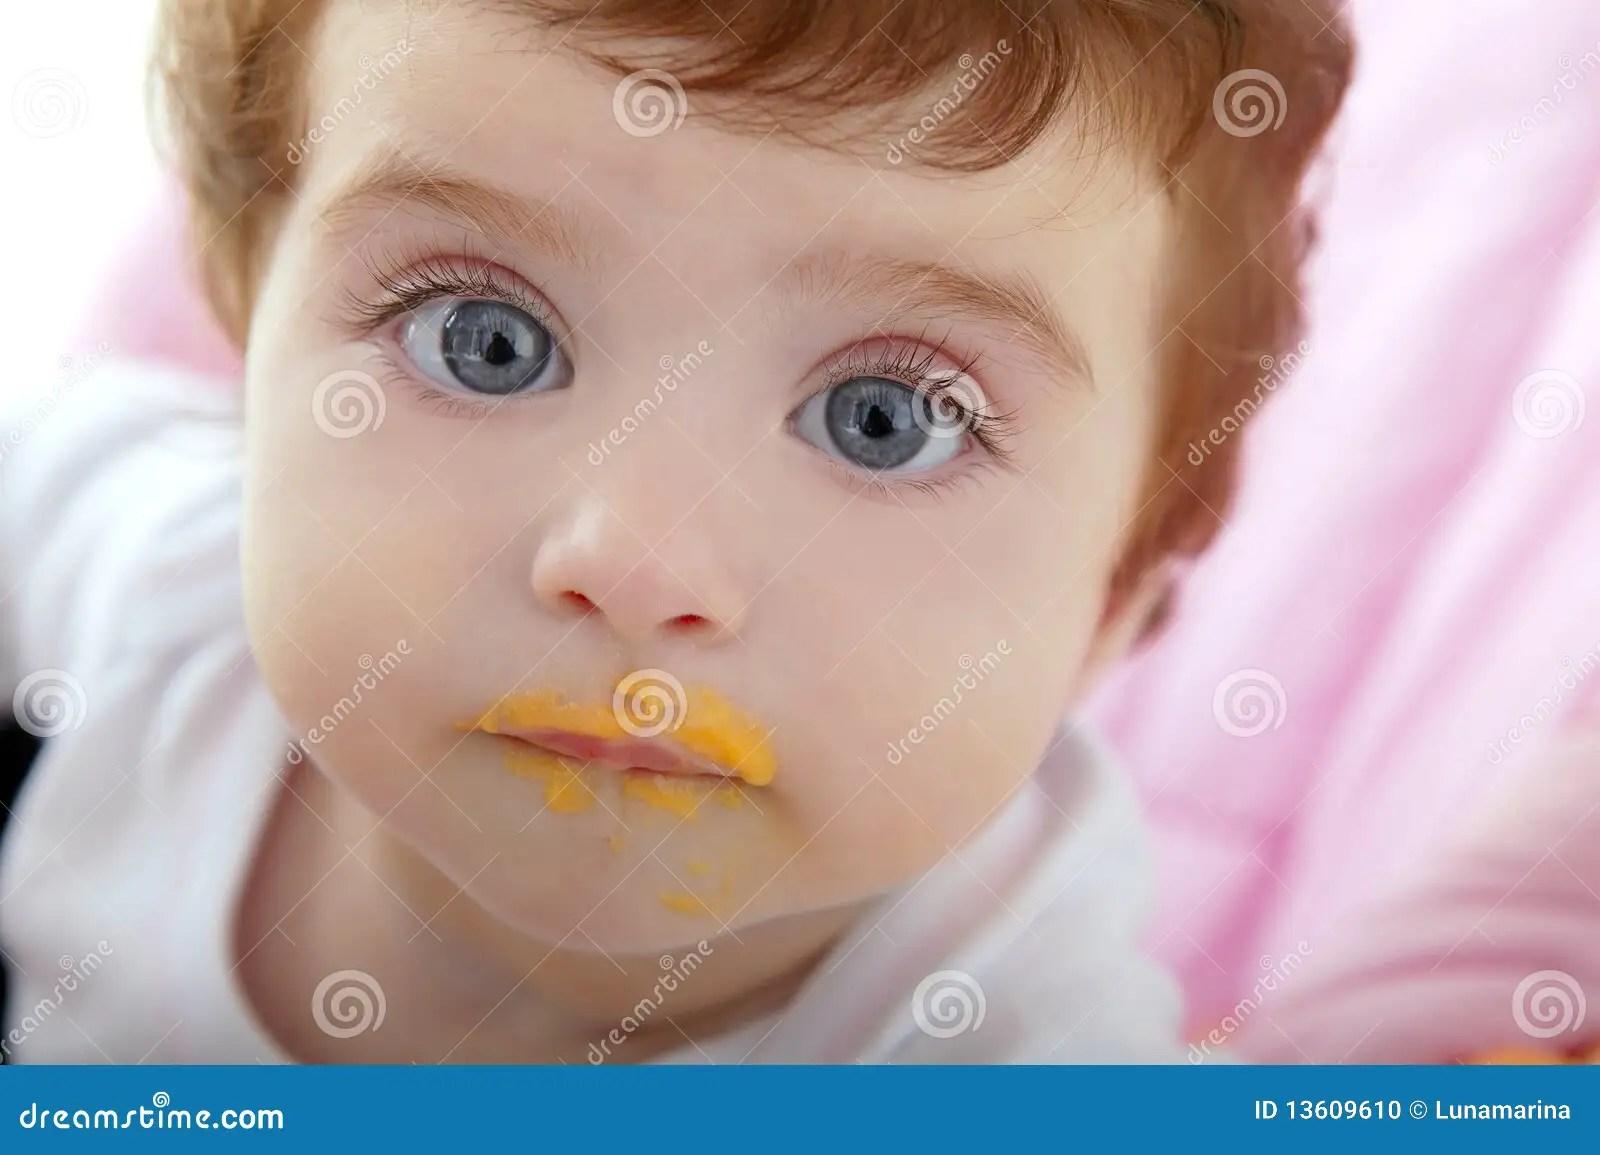 Baby Deity Mouth Of Eating Porridge Stock Photo Image